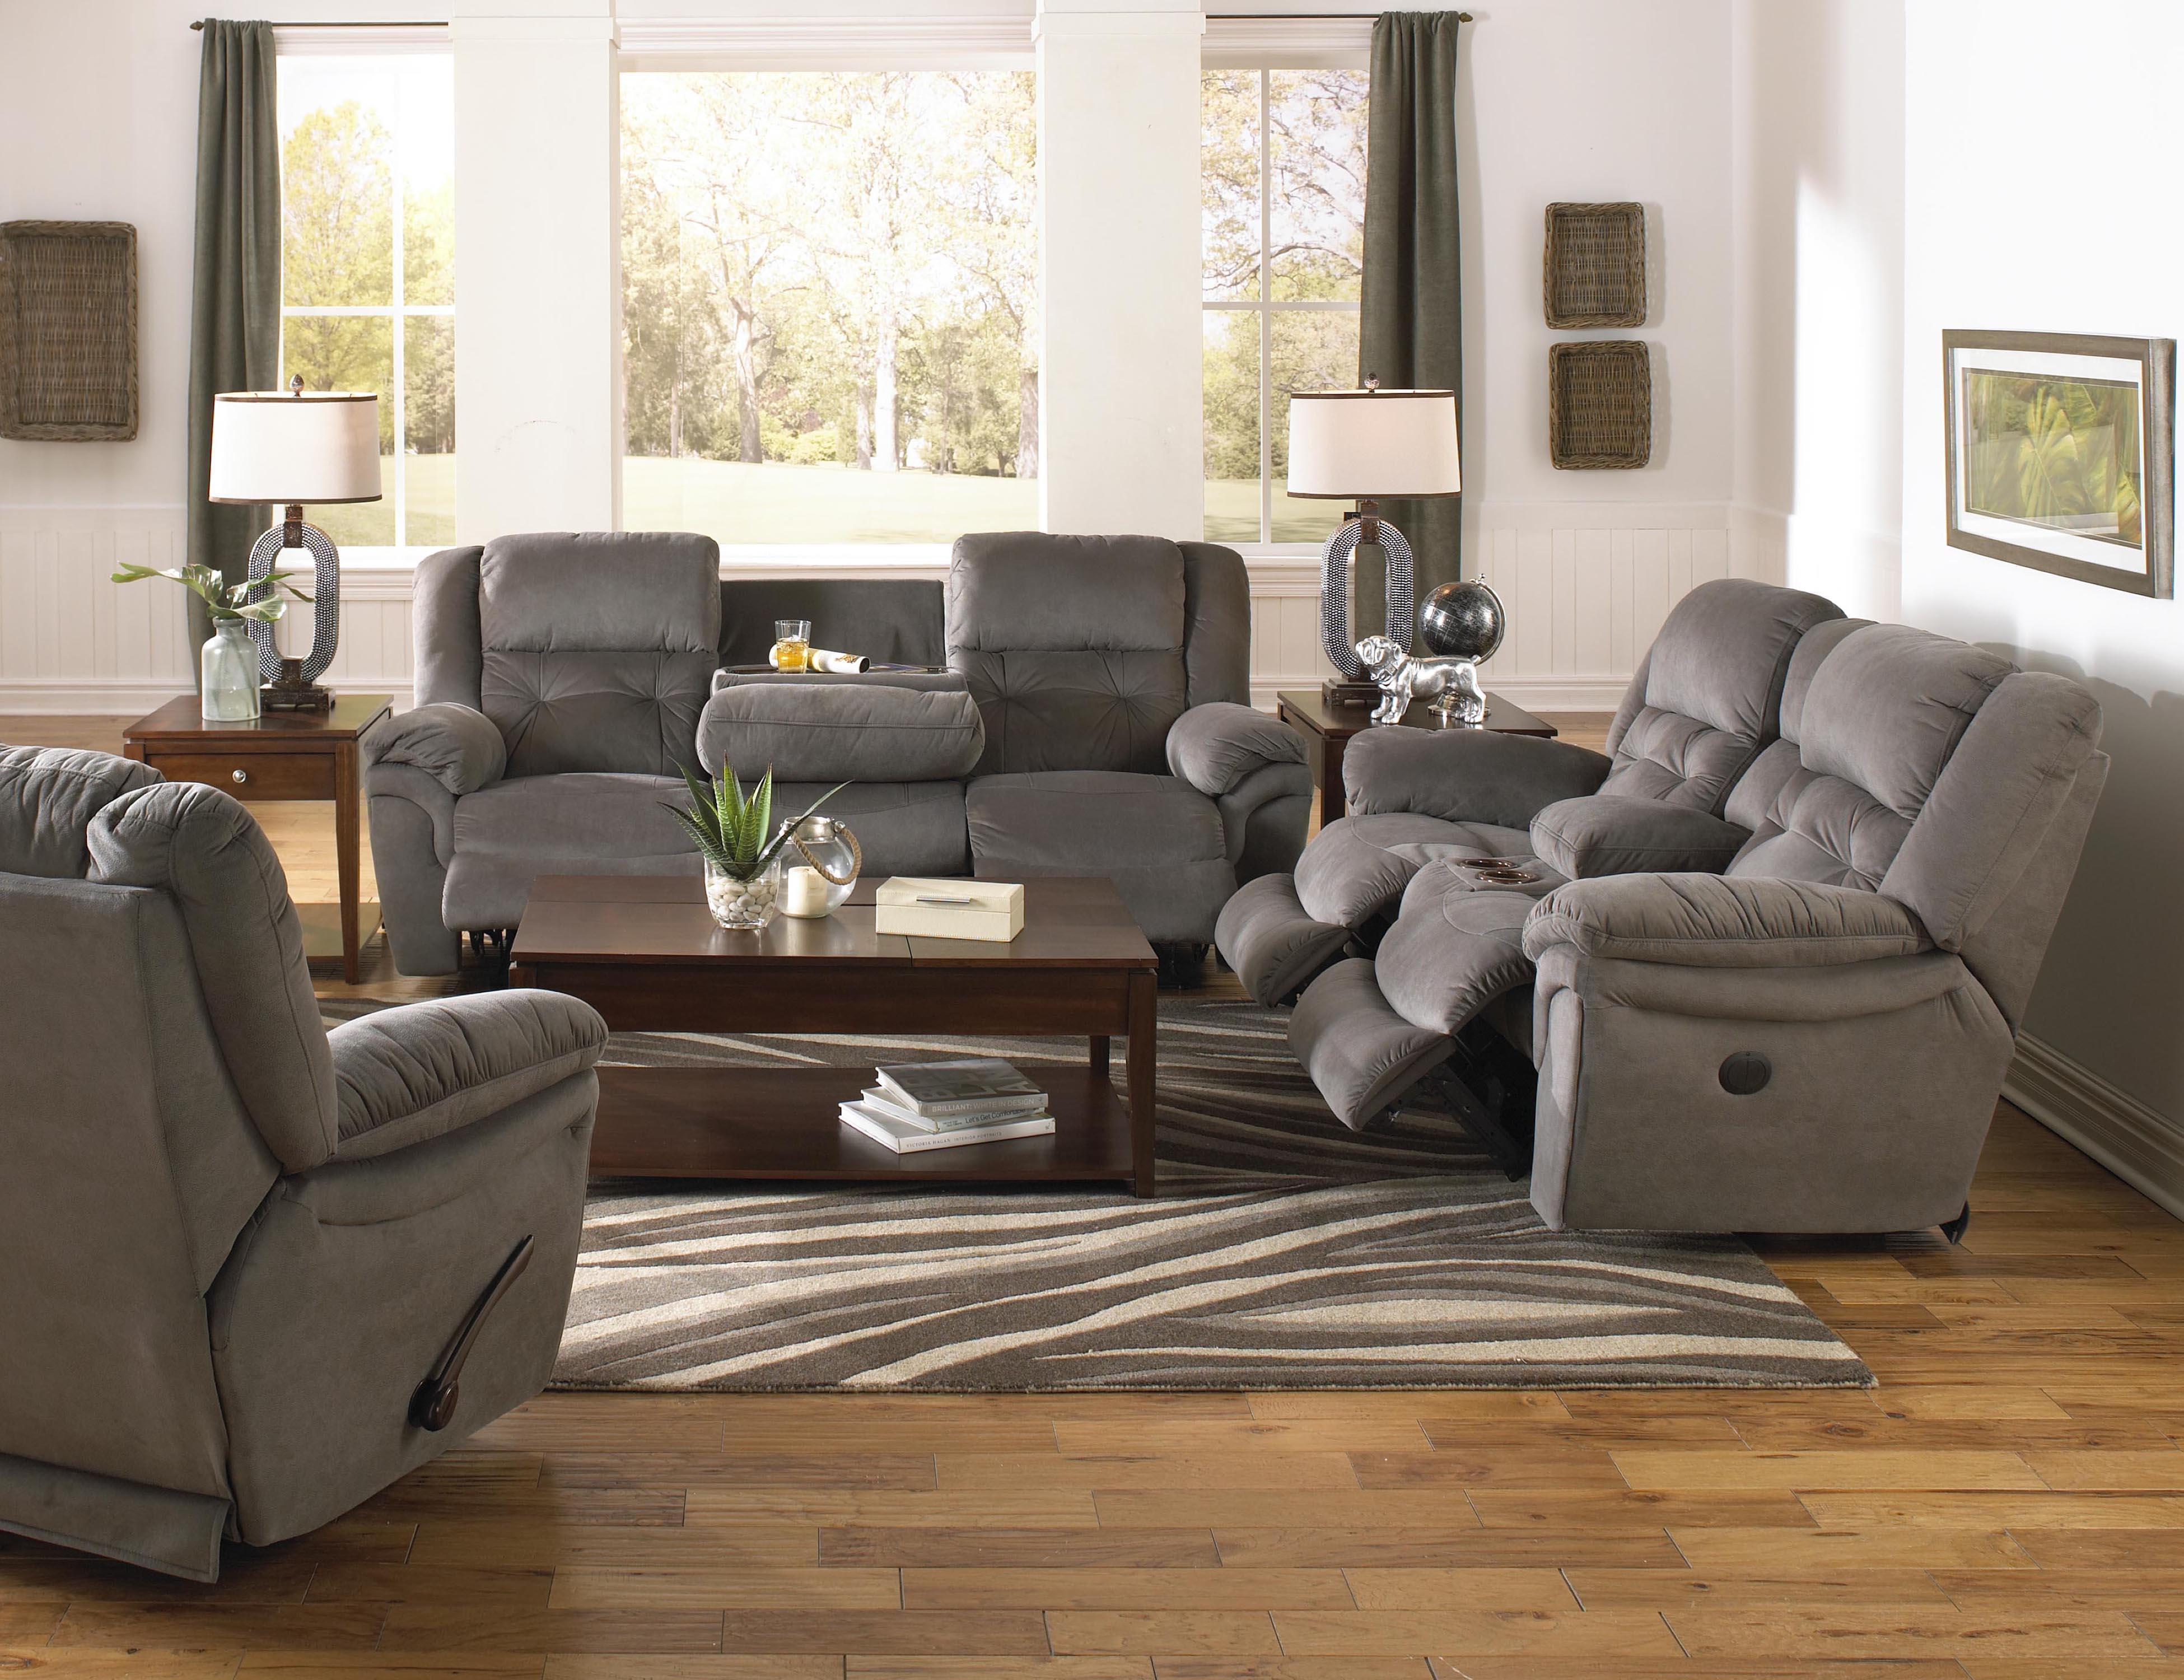 lay flat recliner by catnapper - Catnapper Recliners